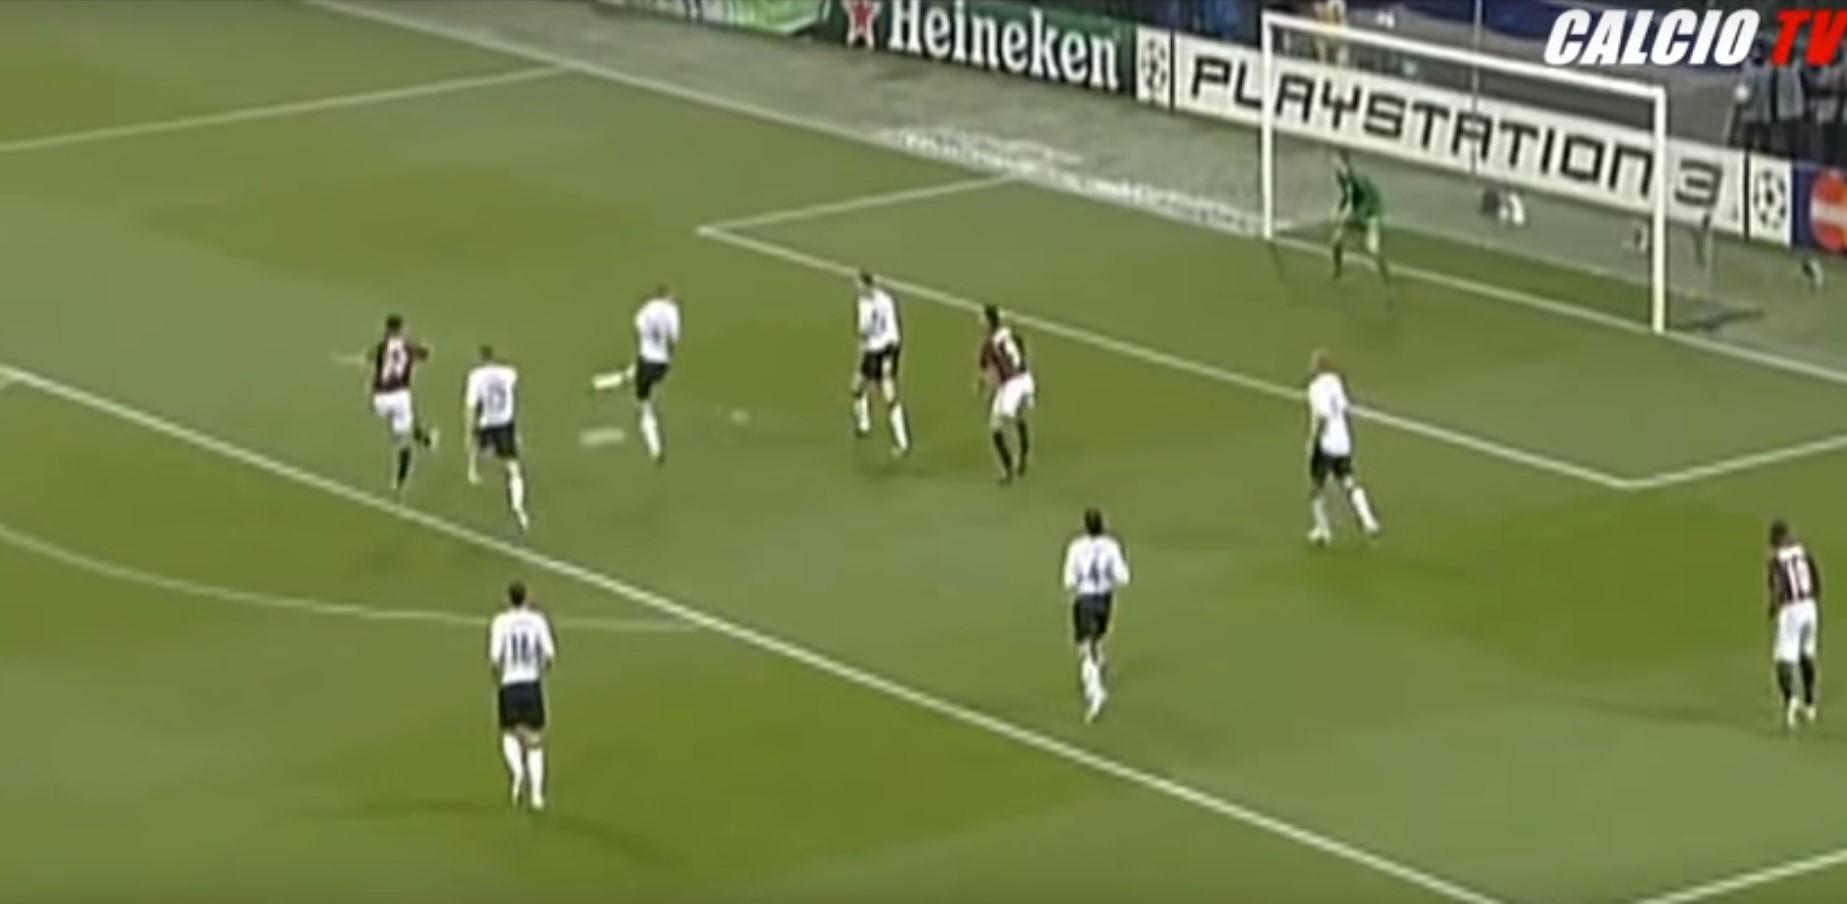 Le partite indimenticabili: Milan-Manchester United 3-0, 2 maggio 2007 [VIDEO]